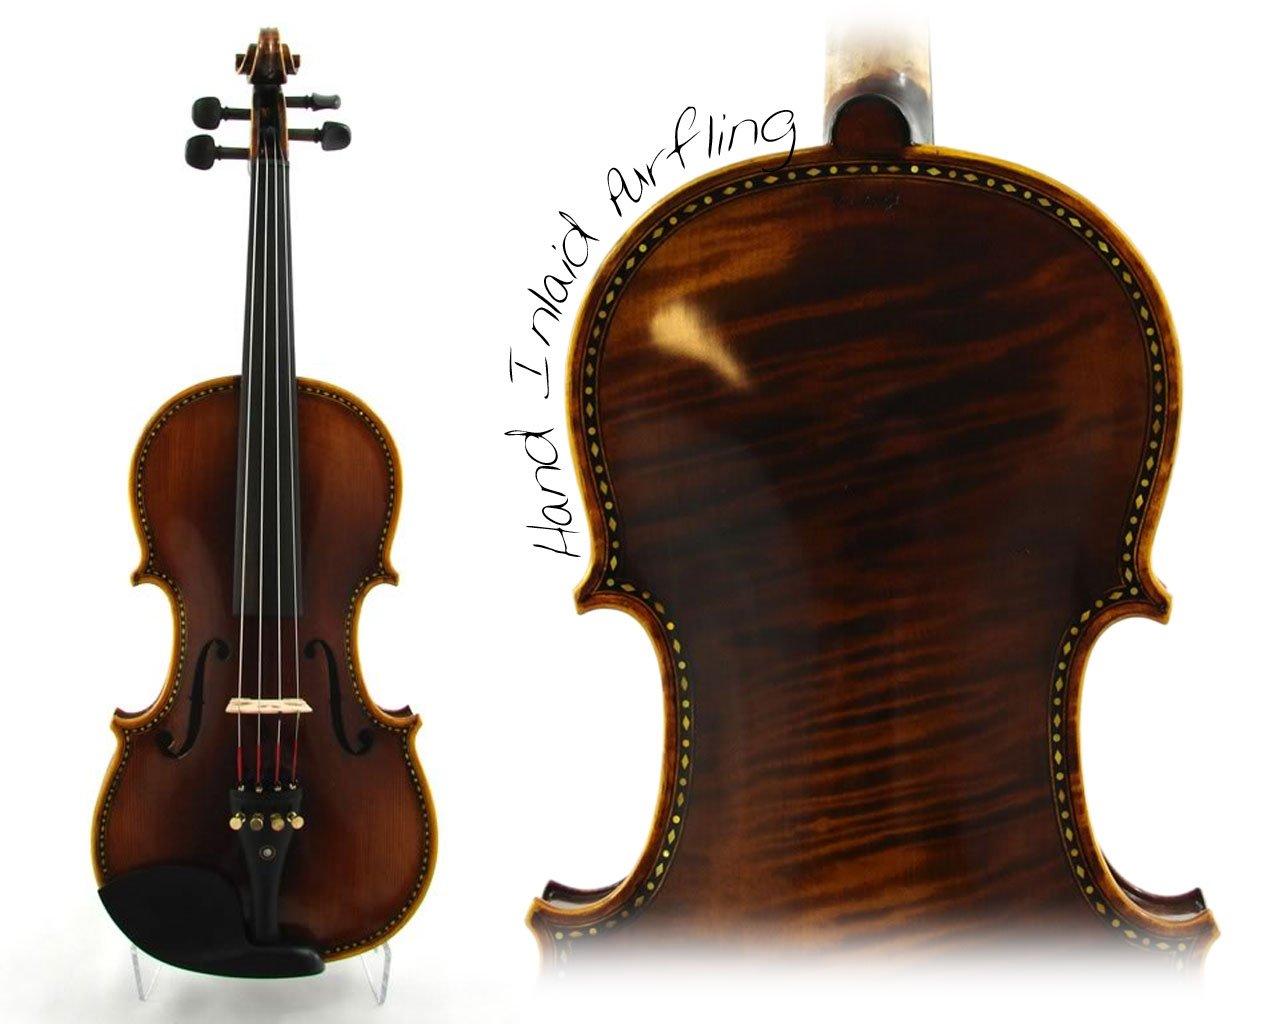 Vienna Strings Munich Handcraft Violin